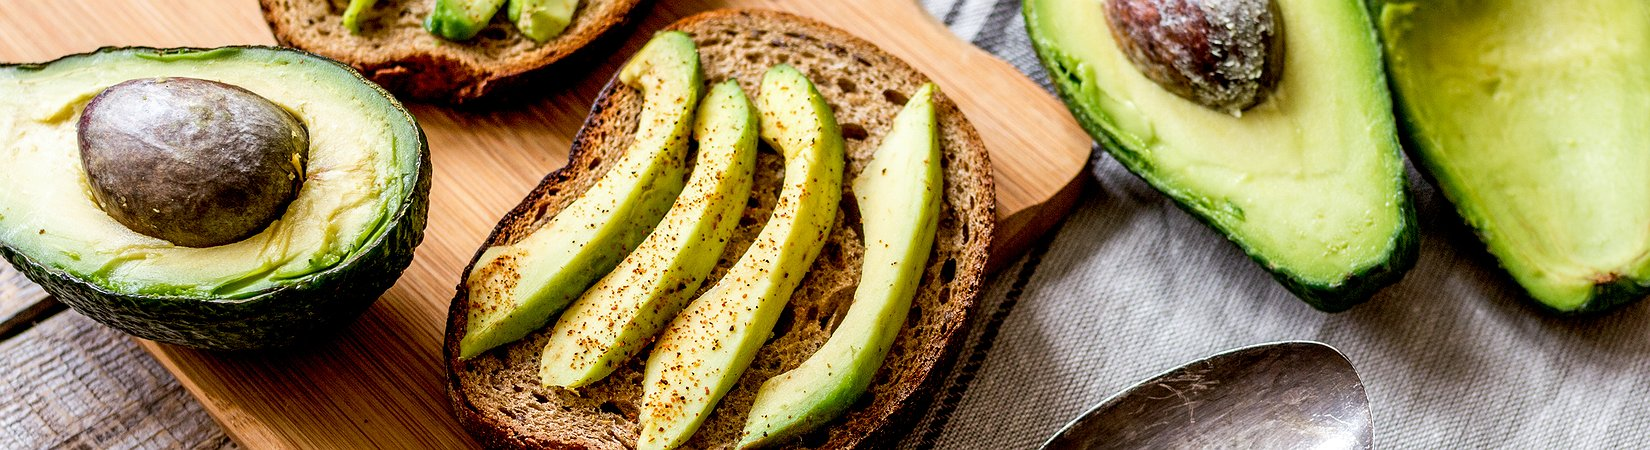 Совет миллионера: Хочешь дом мечты — откажись от авокадо